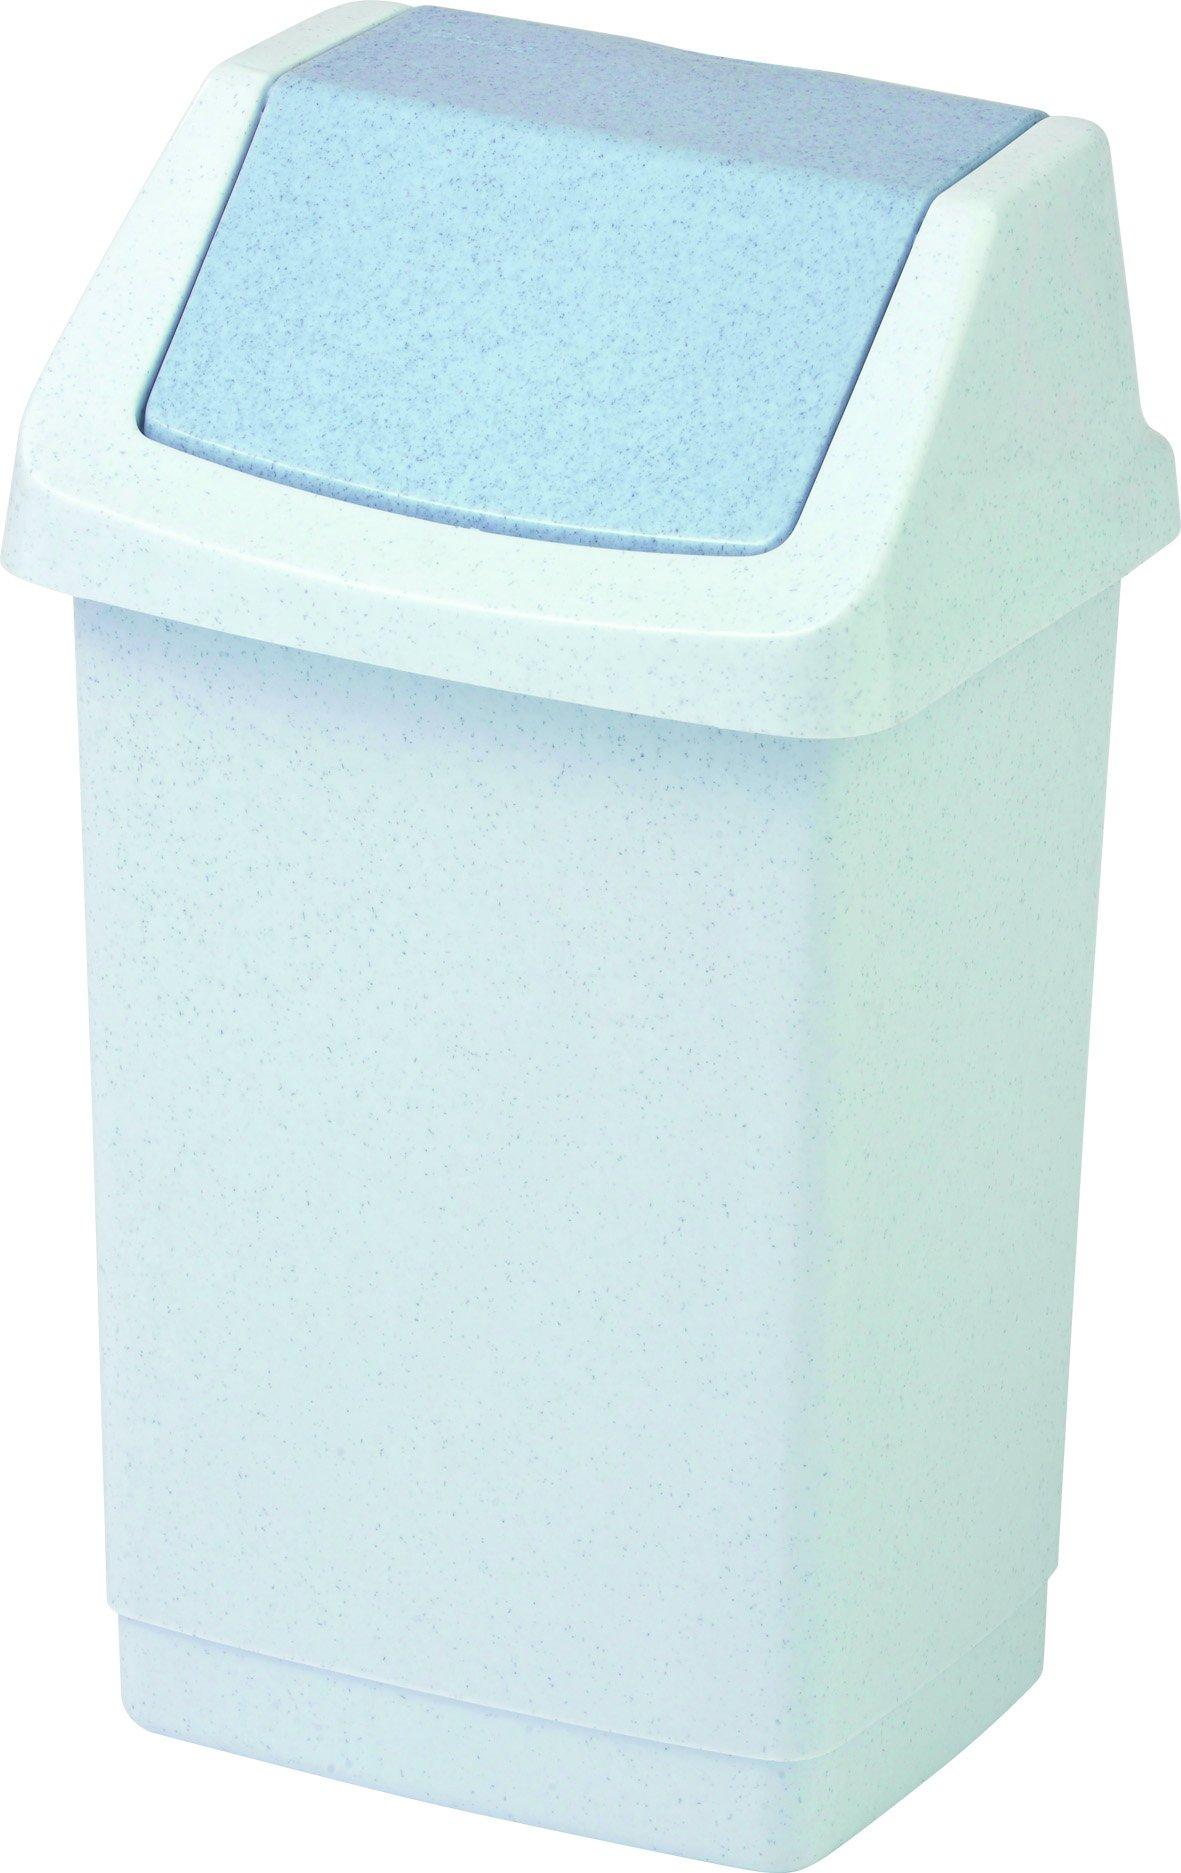 Curver odpadkový koš, CLICK-IT, šedý, 9l